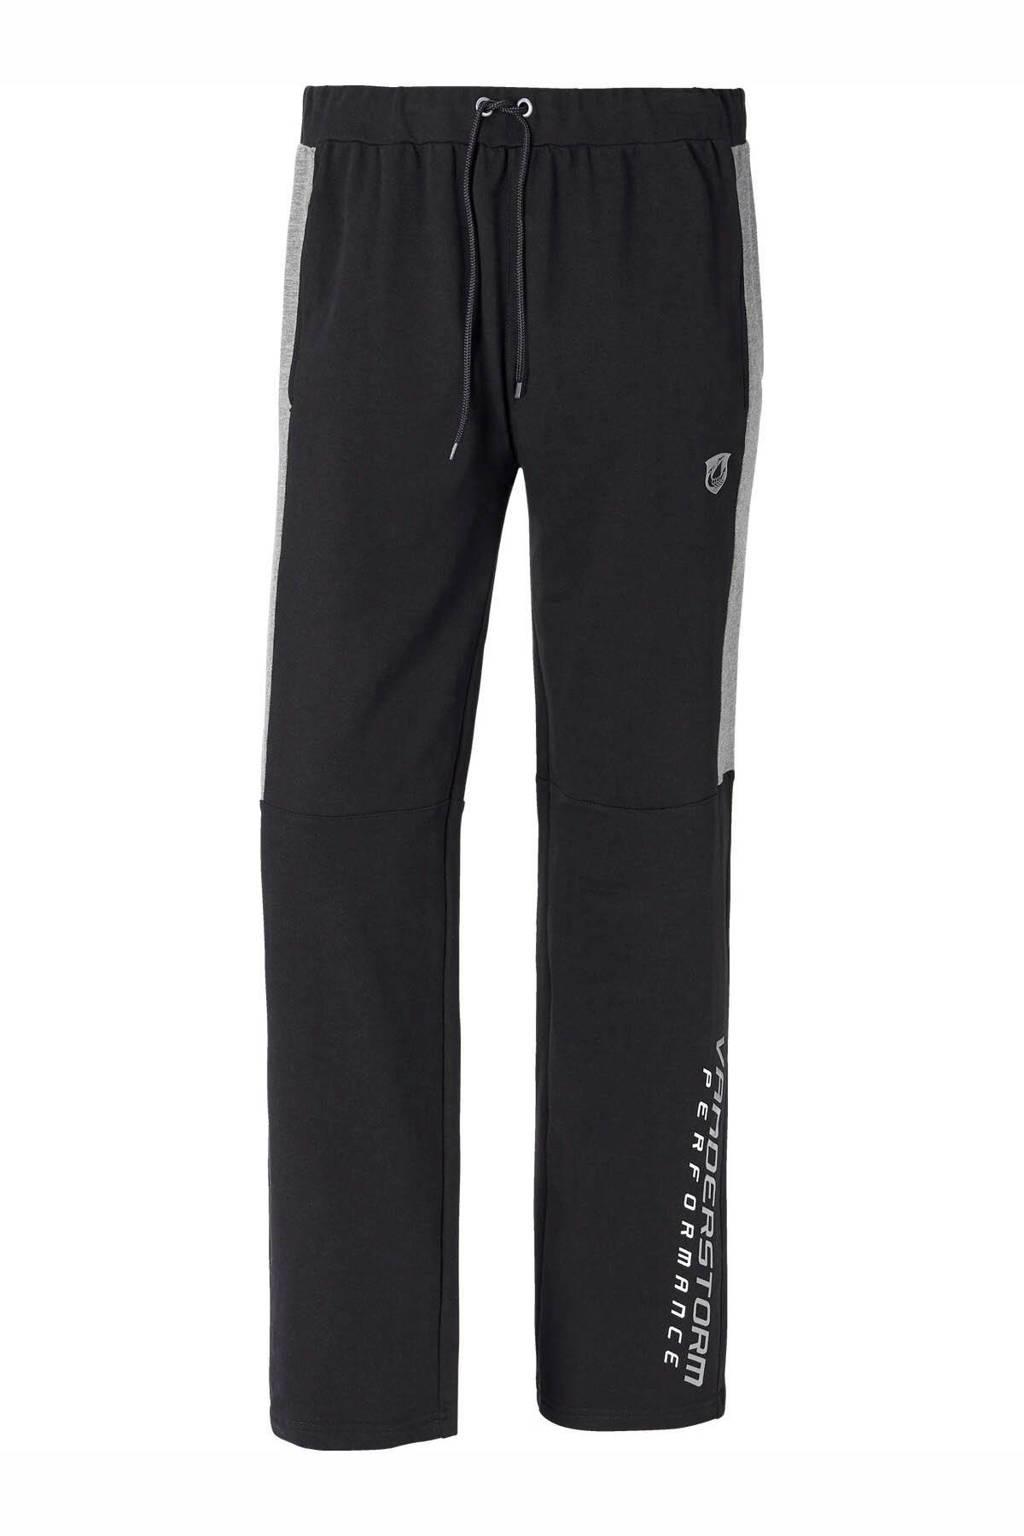 Jan Vanderstorm joggingbroek Plus Size zwart/grijs, Zwart/grijs